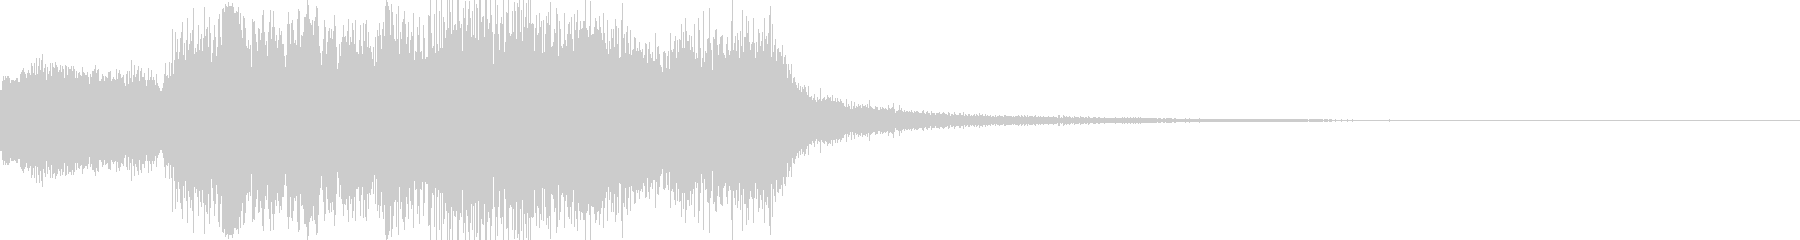 オープニング用サウンドロゴ05の未再生の波形